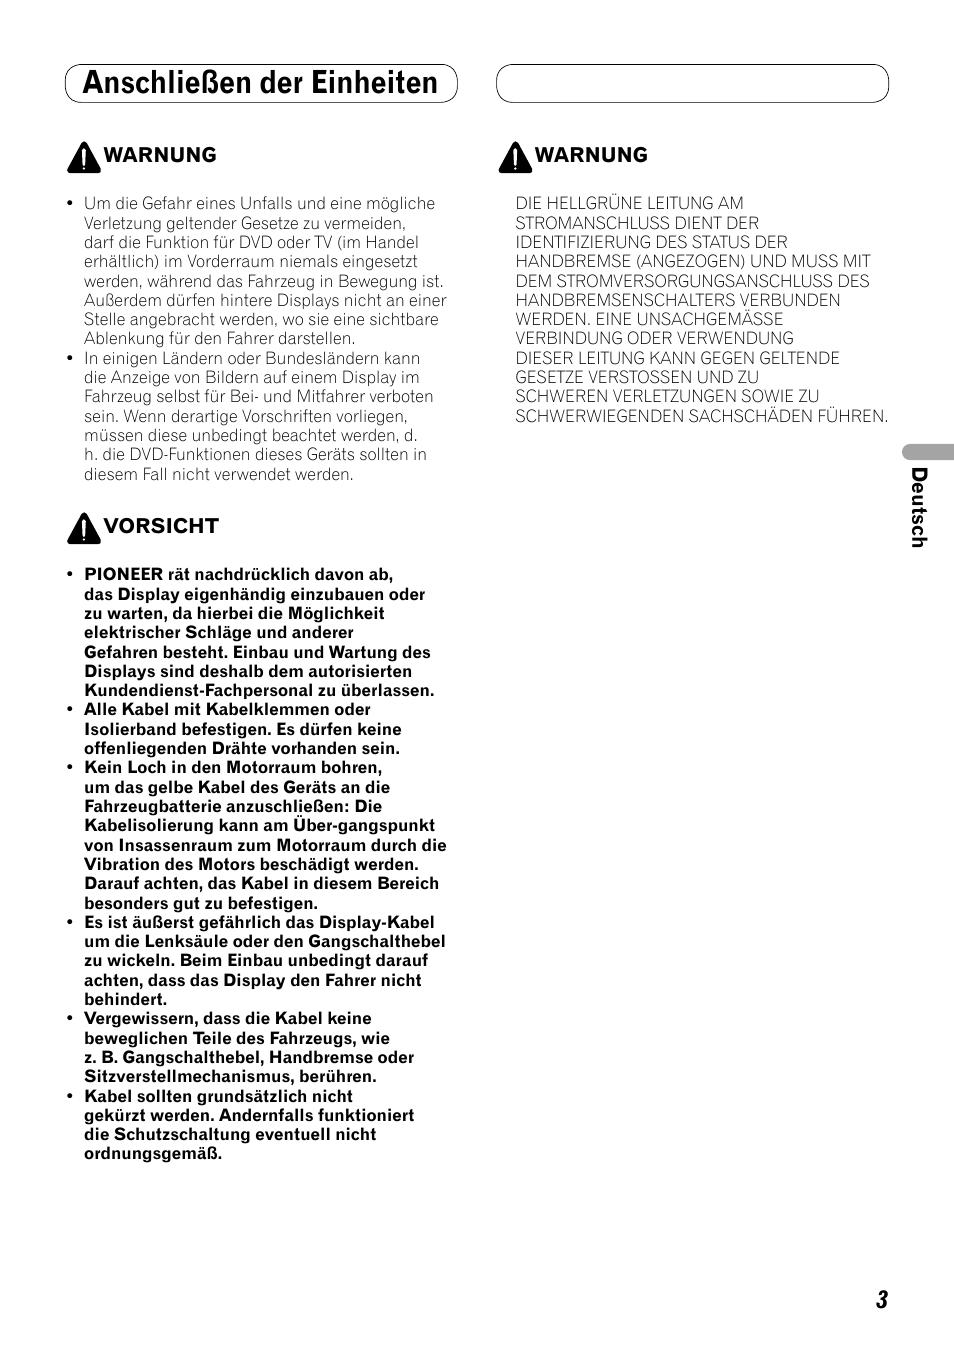 Anschließen der einheiten | Pioneer AVH-P3100DVD User Manual | Page ...